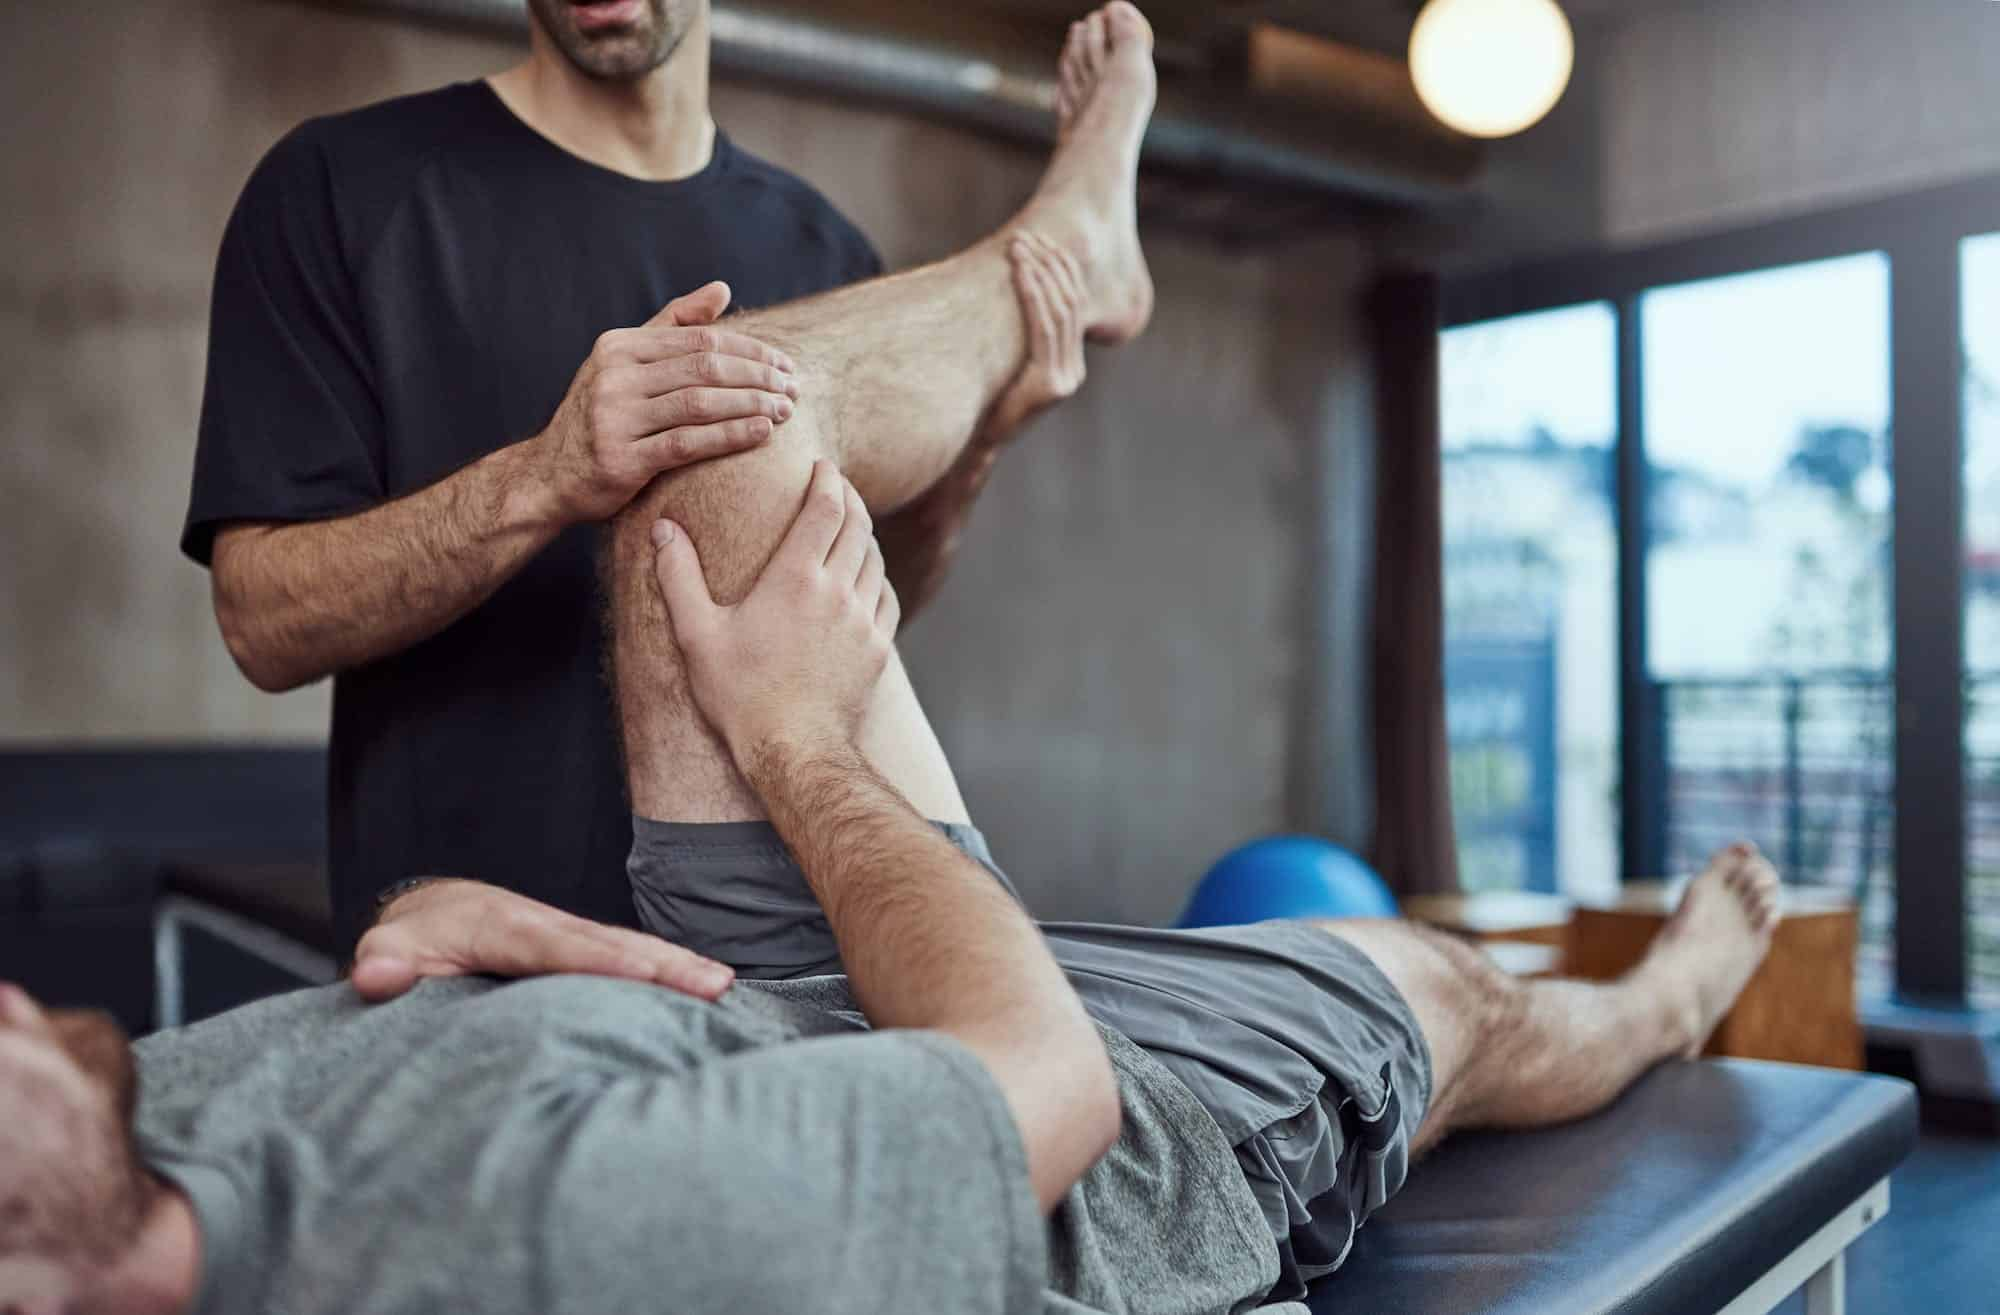 A Fisioterapia ortopédica visa tratar disfunções osteomioarticulares e tendíneas resultantes de traumas e suas conseqüências imediatas